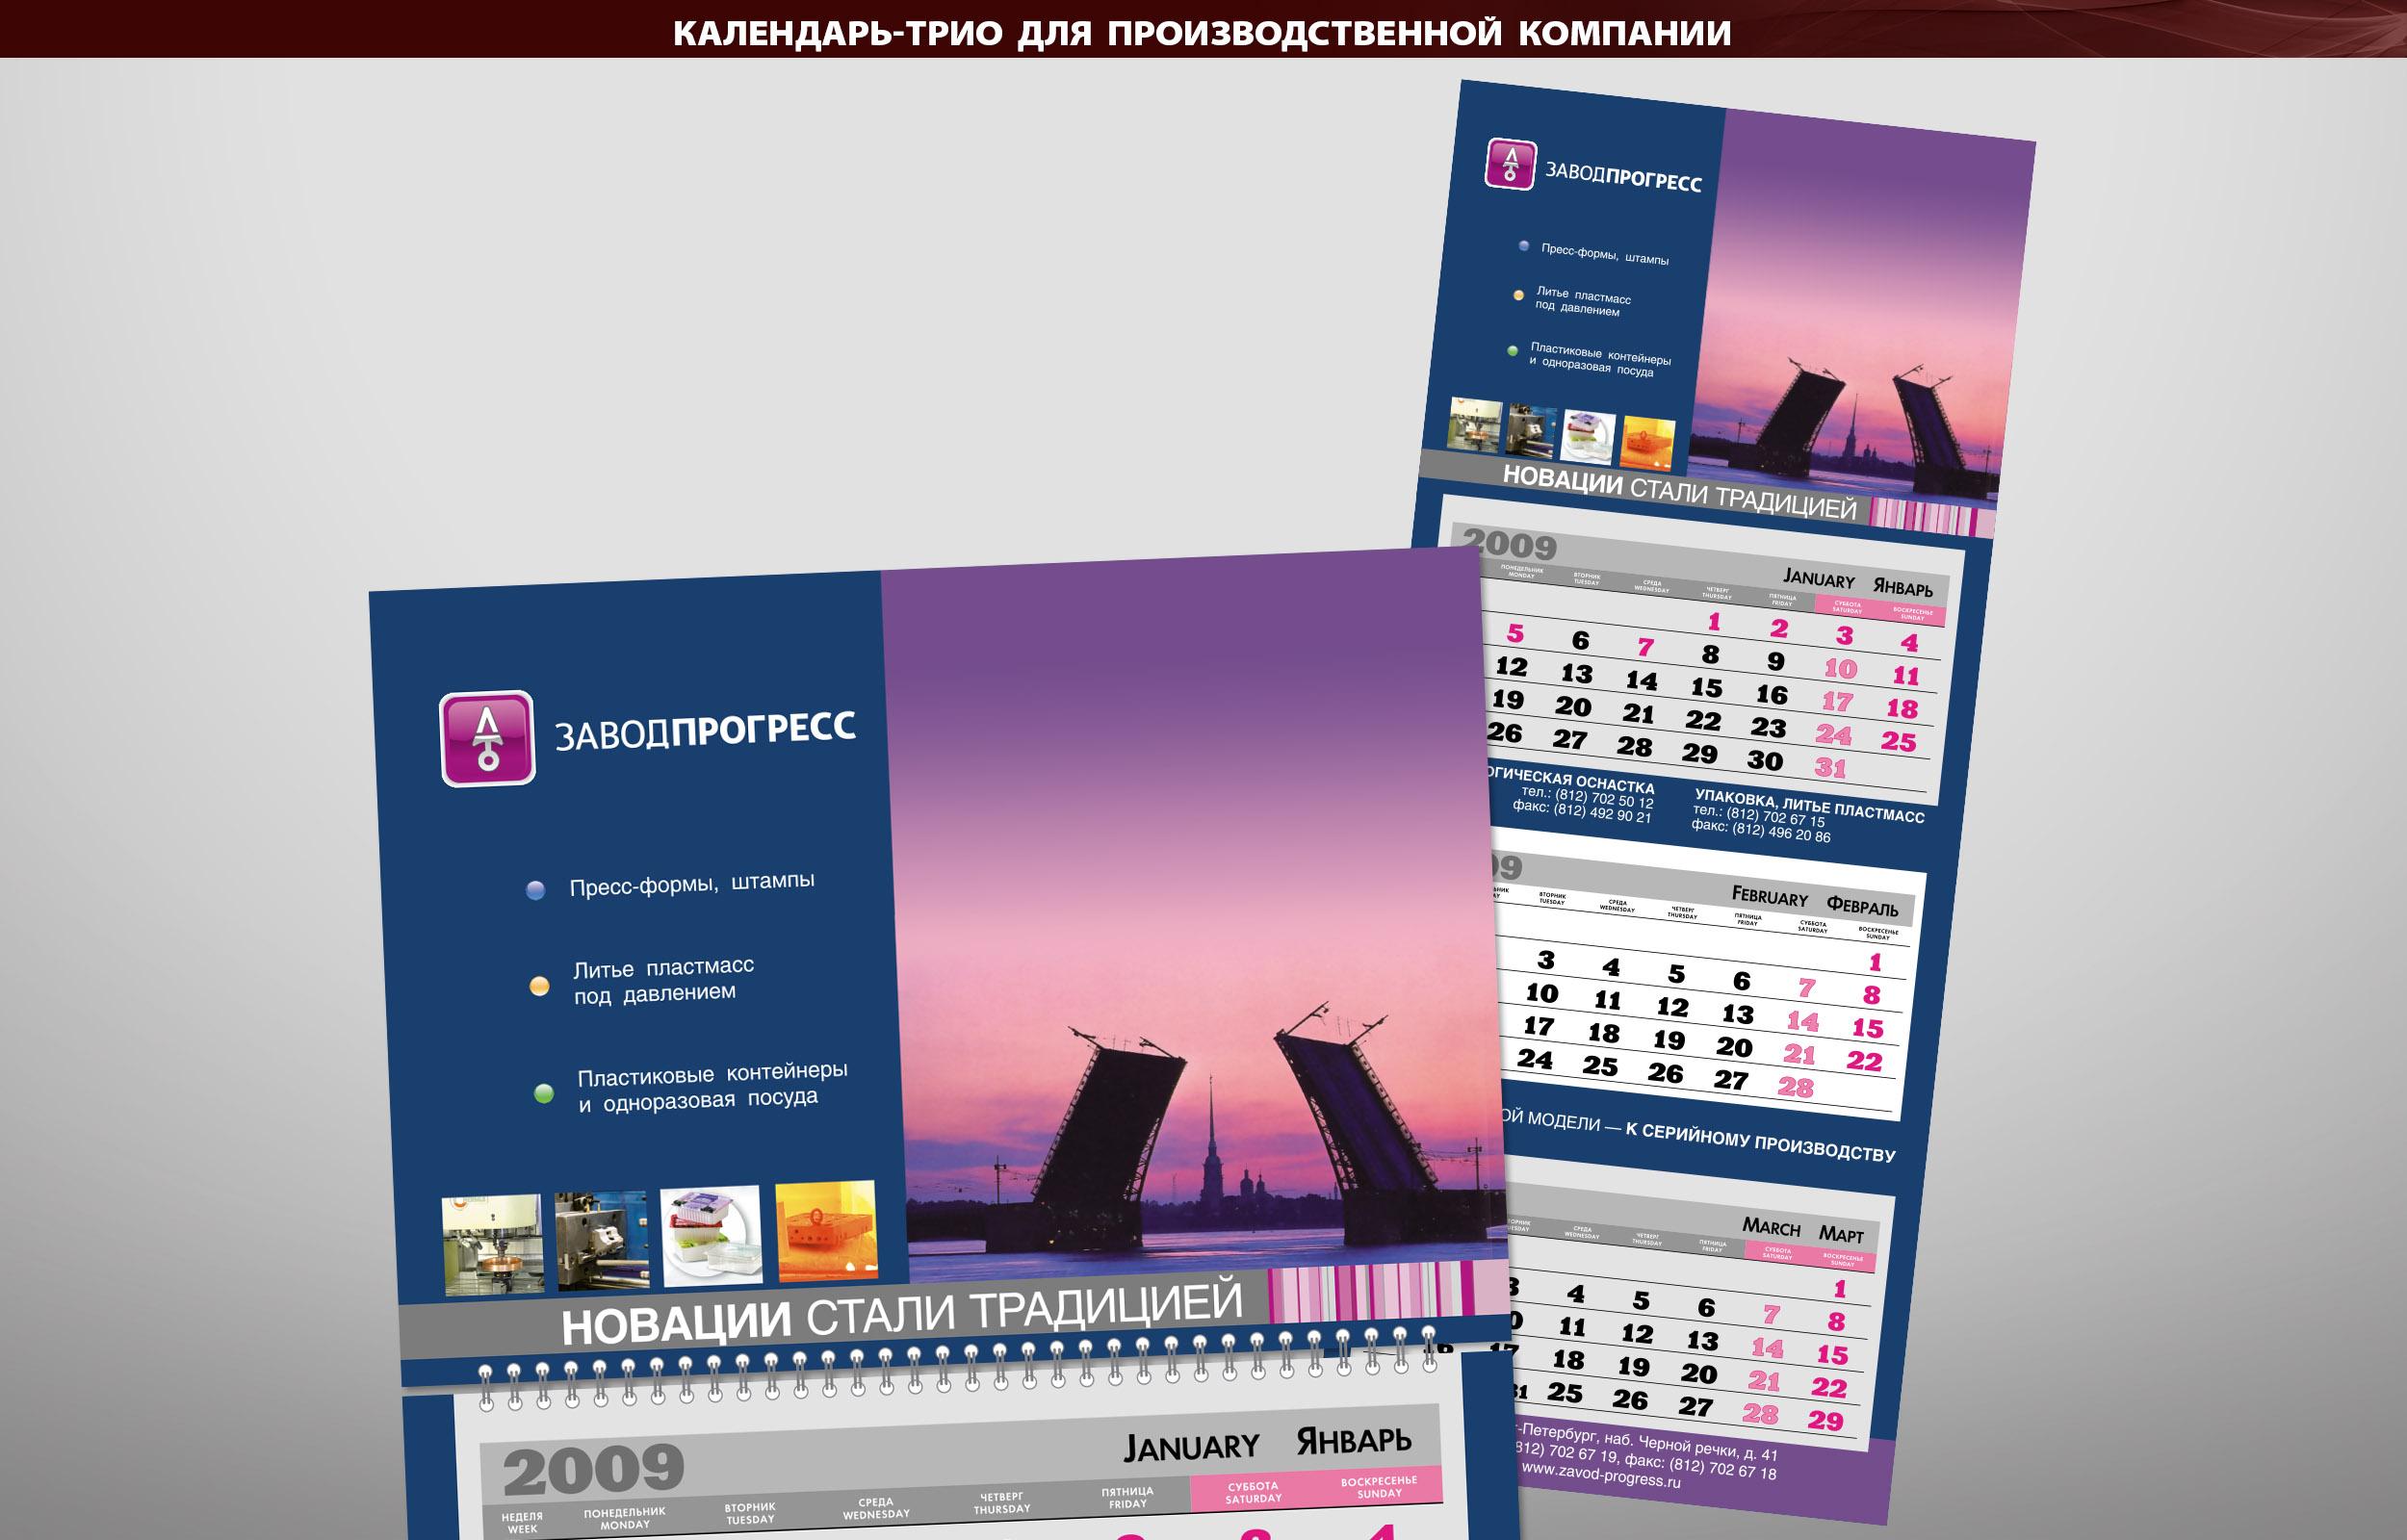 Календарь-трио для производственной компании